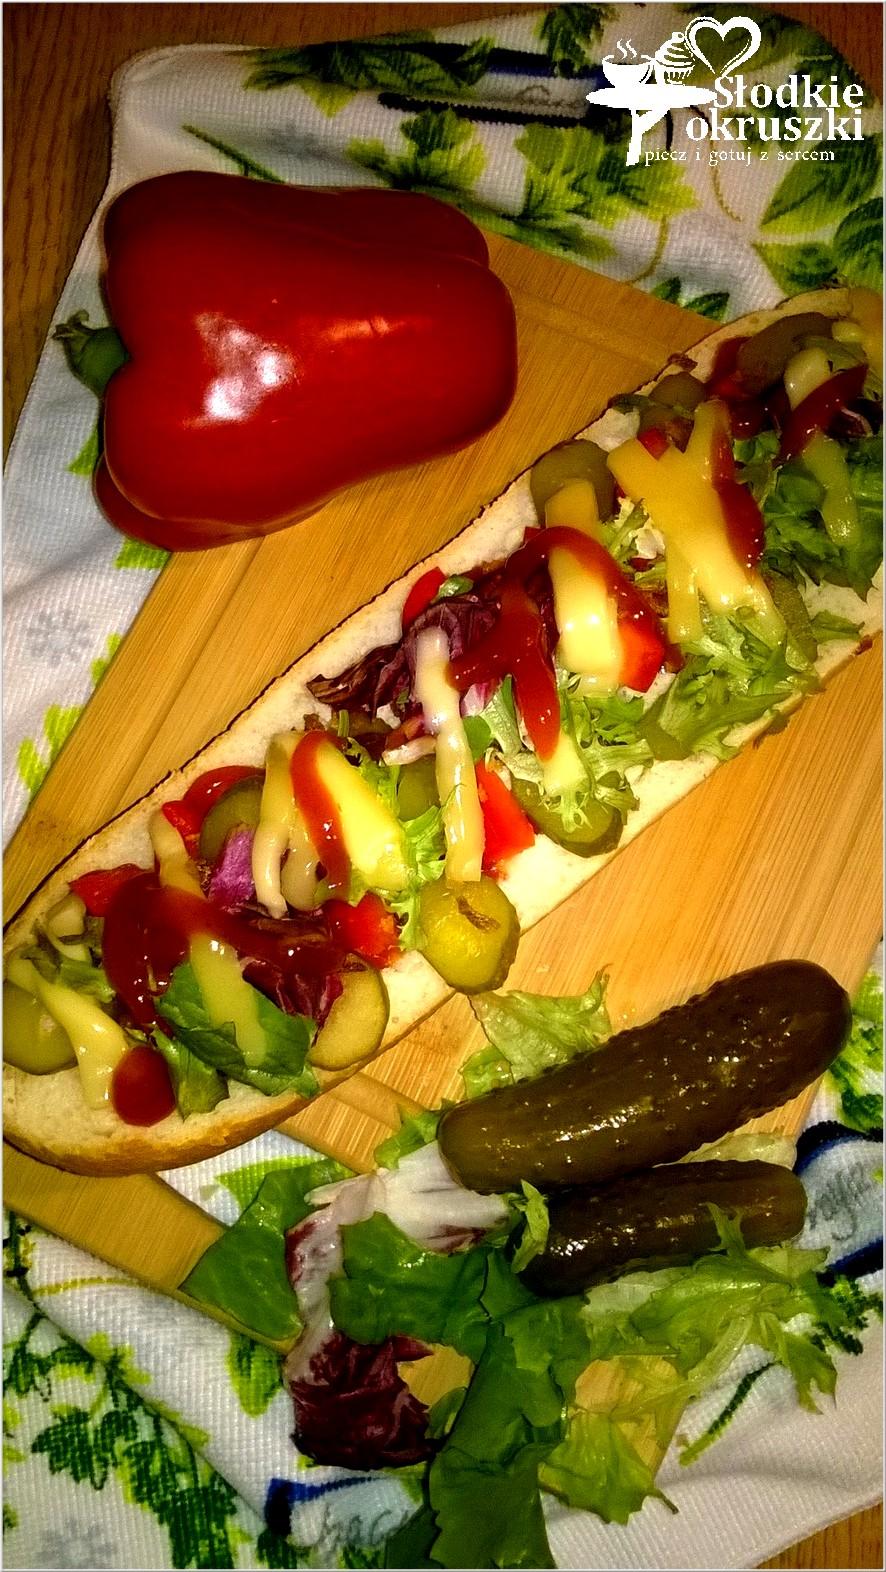 Szybka zapiekanka z warzywami i prażoną cebulką